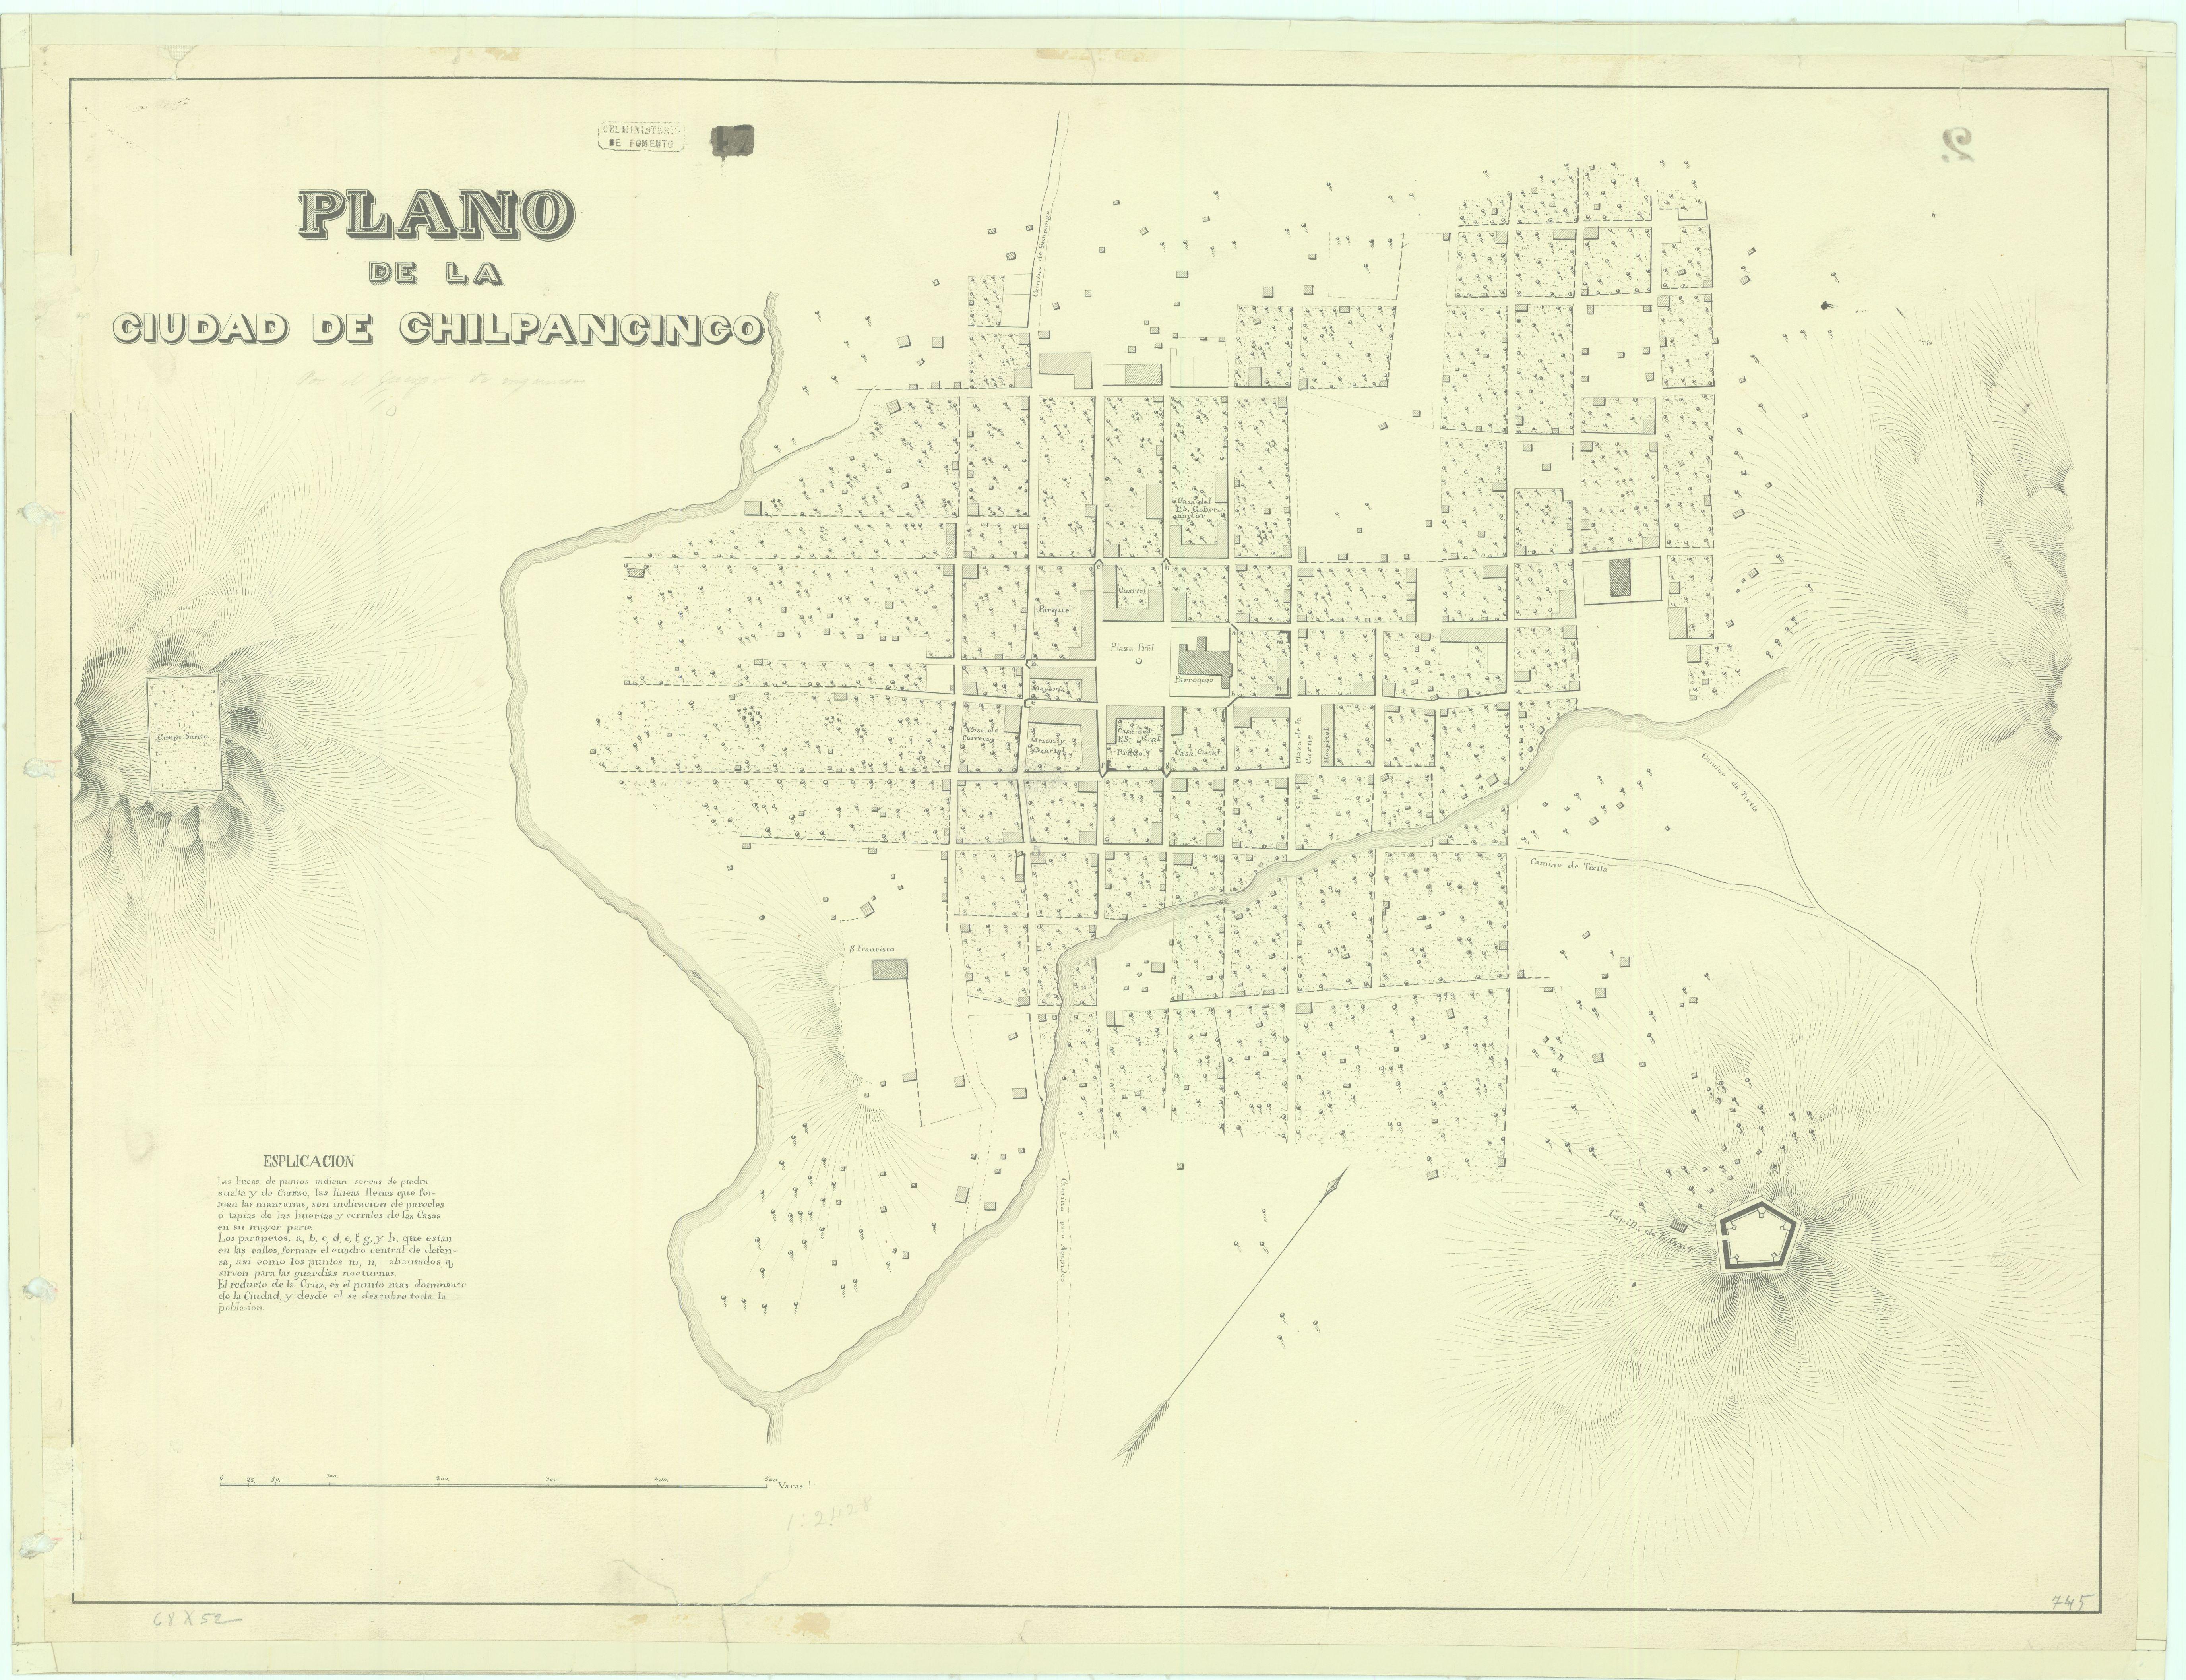 En el acervo de la Mapoteca Manuel Orozco y Berra, se encuentra este plano, que da cuenta de la ciudad de Chilpancingo en el siglo XIX.